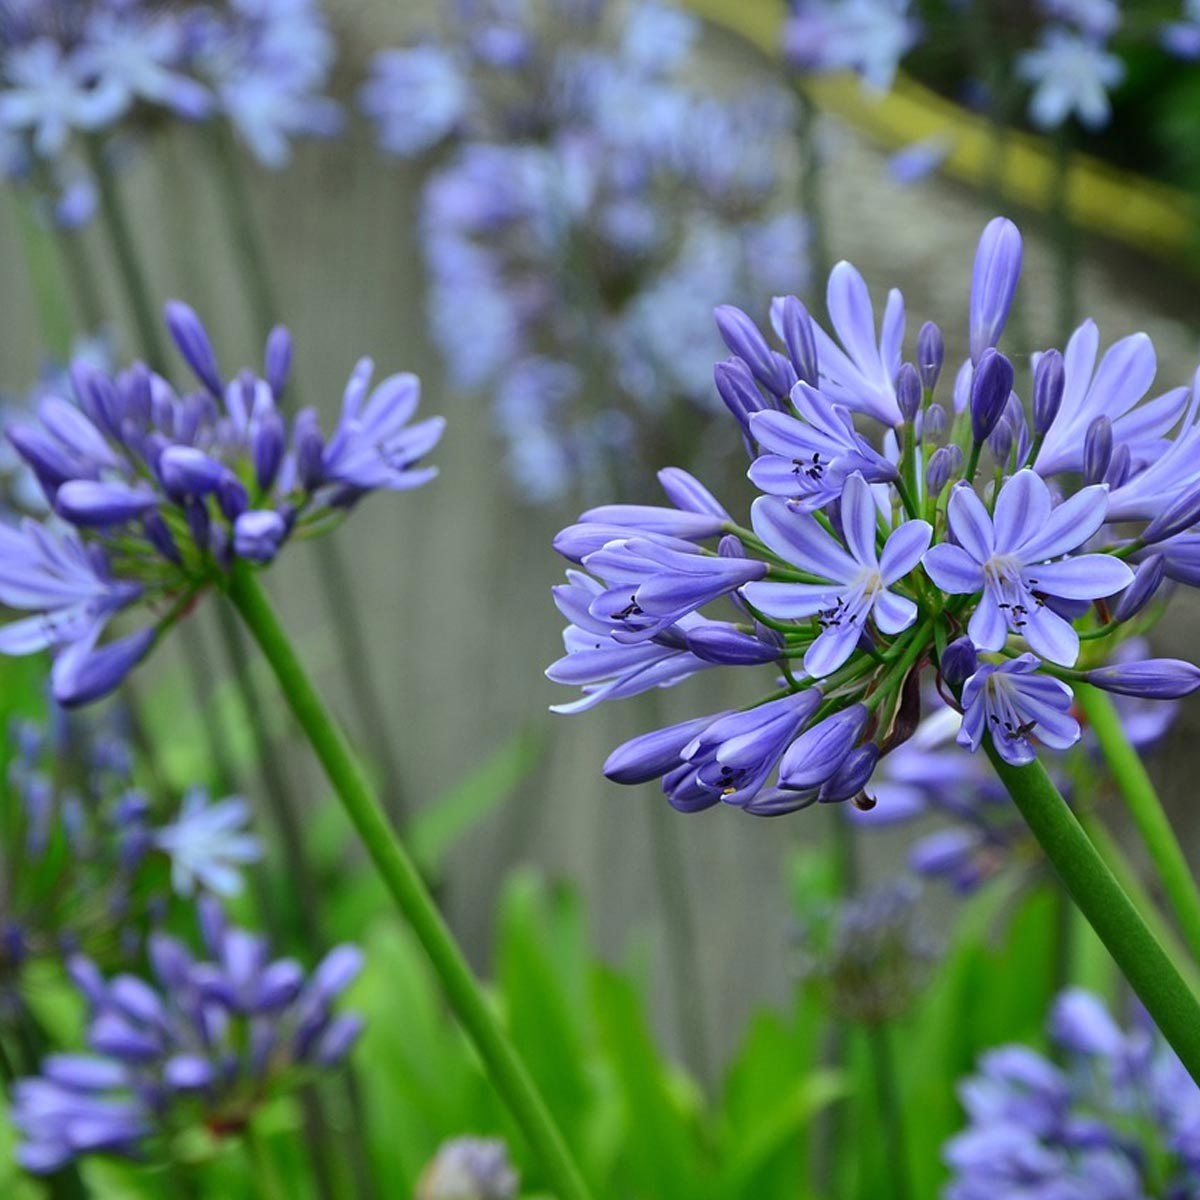 Jardines en balcones: Mejores plantas para crearlos - Agapanto